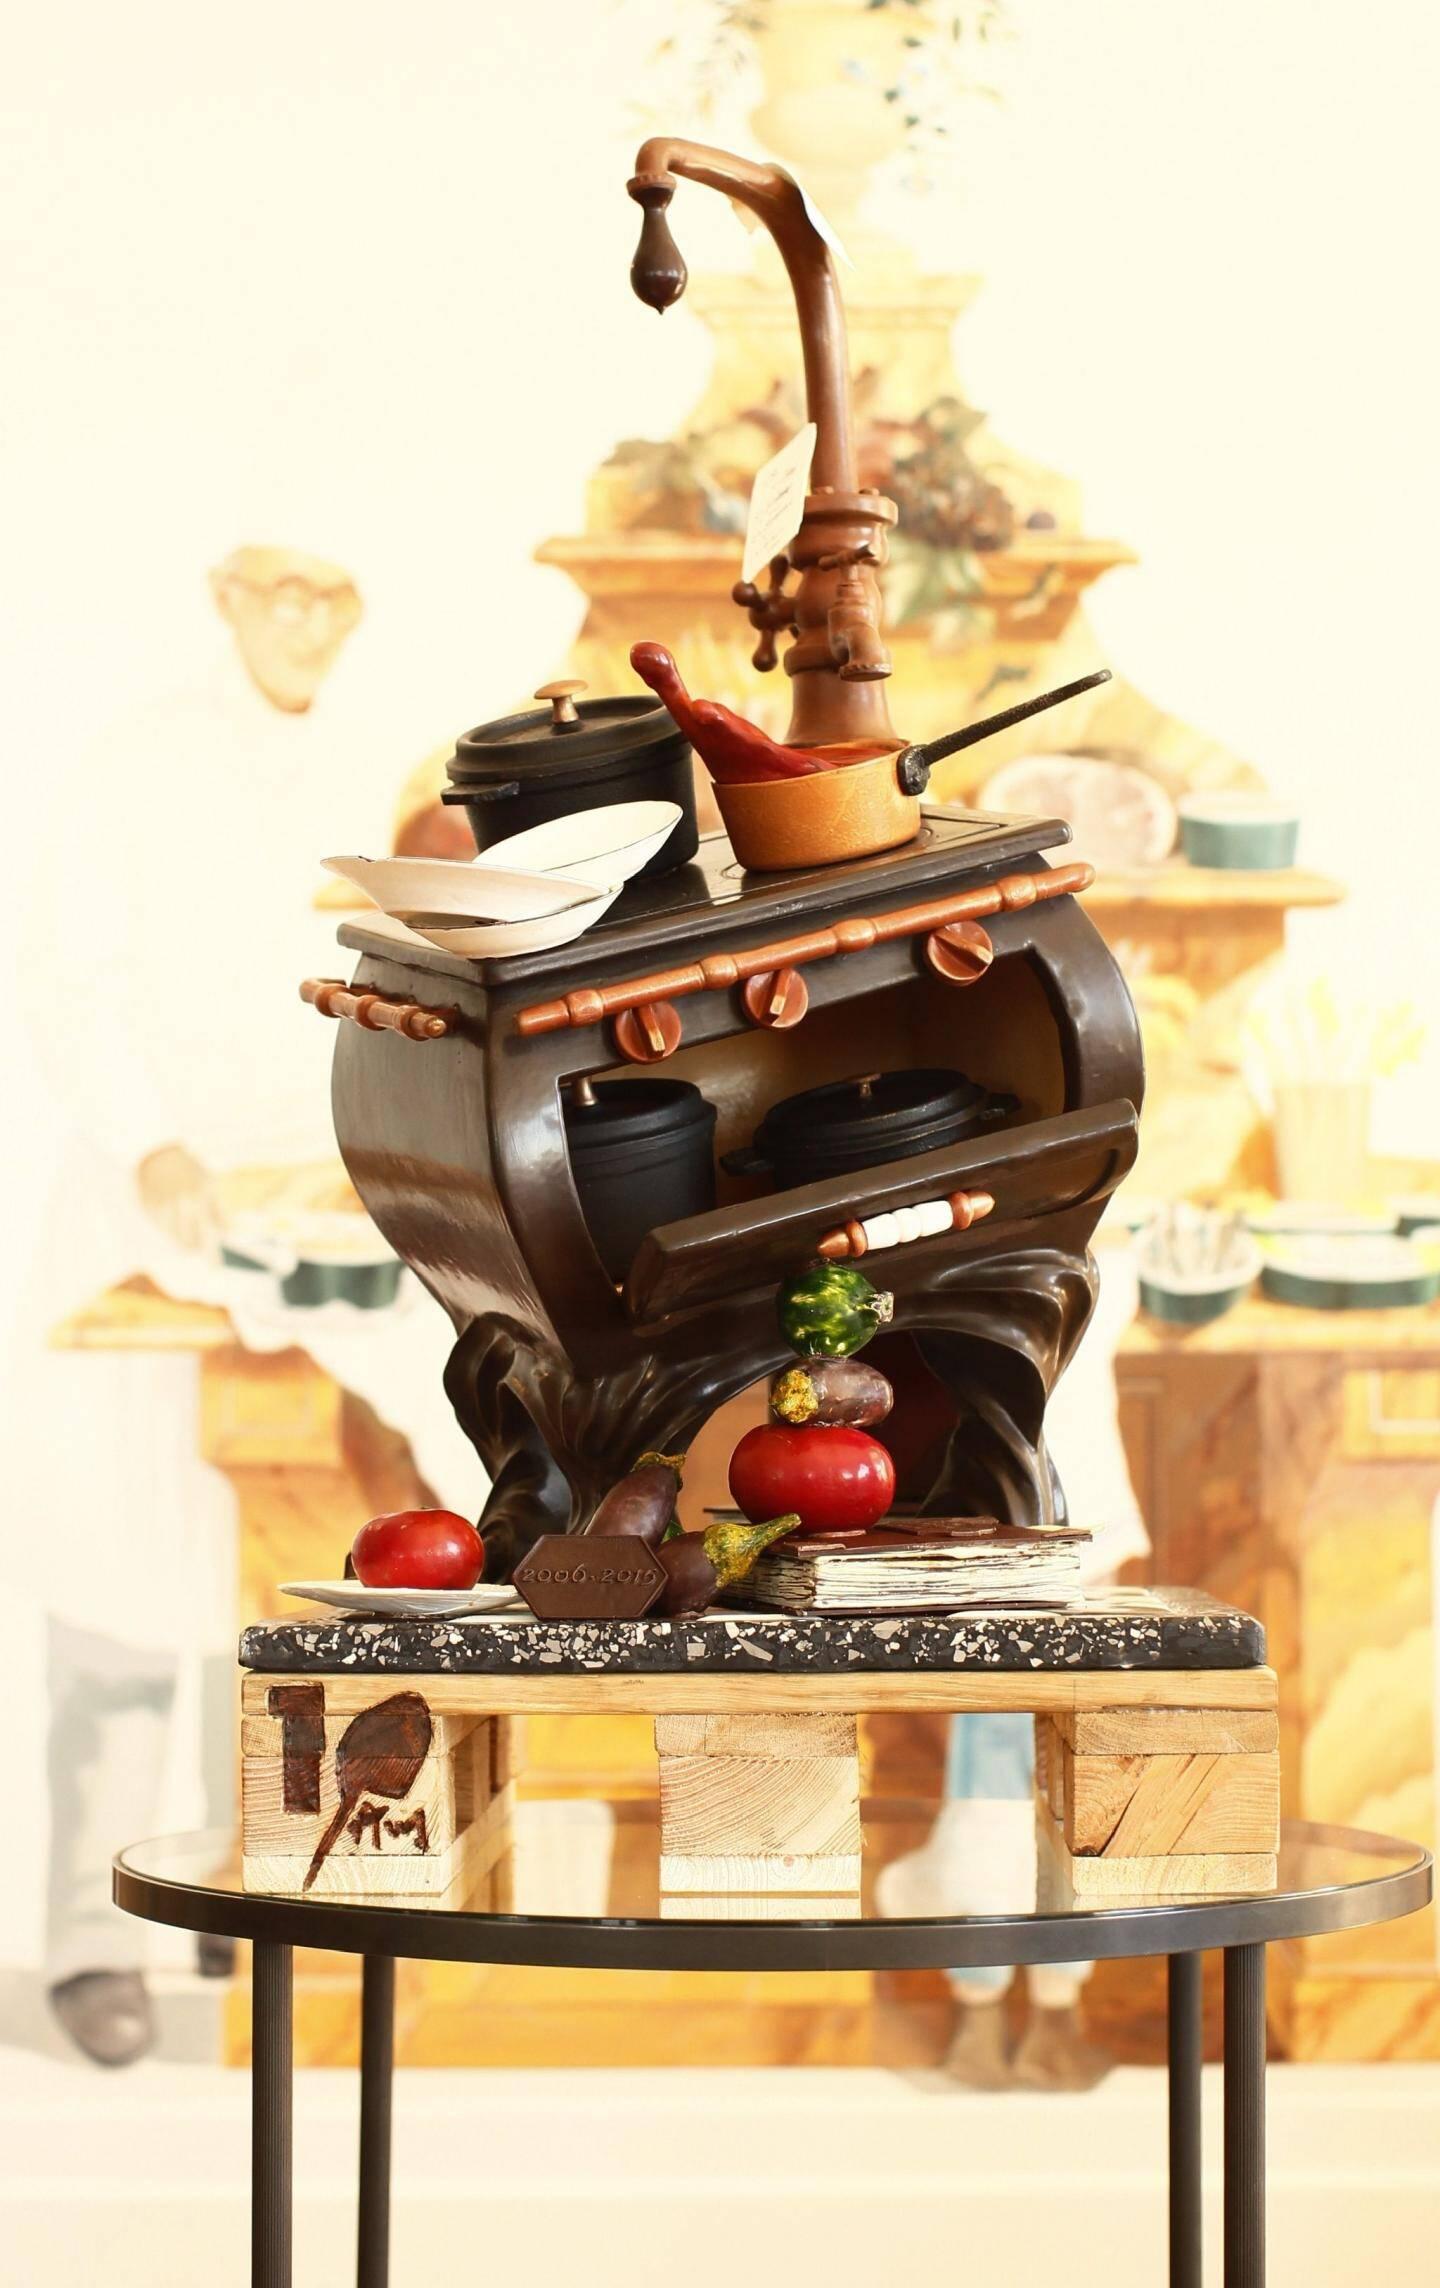 Eden-Roc : quand le  chocolat devient un art - 30596615.jpg